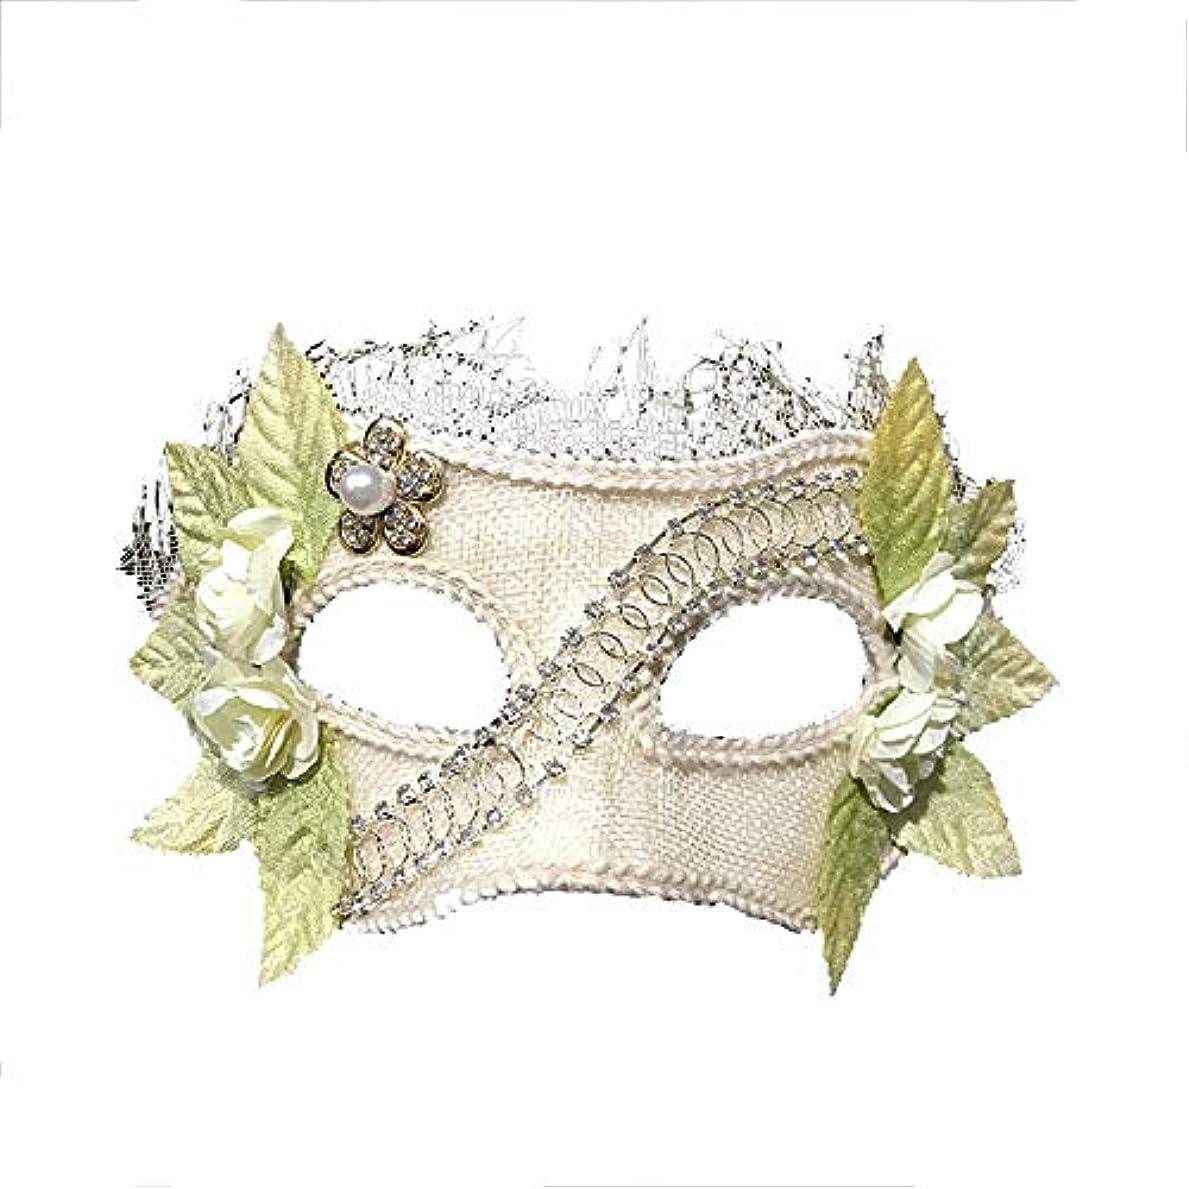 へこみ溢れんばかりのバスNanle ハロウィンクリスマスフラワーフェザービーズマスク仮装マスクレディミスプリンセス美容祭パーティーデコレーションマスク (色 : Style A)